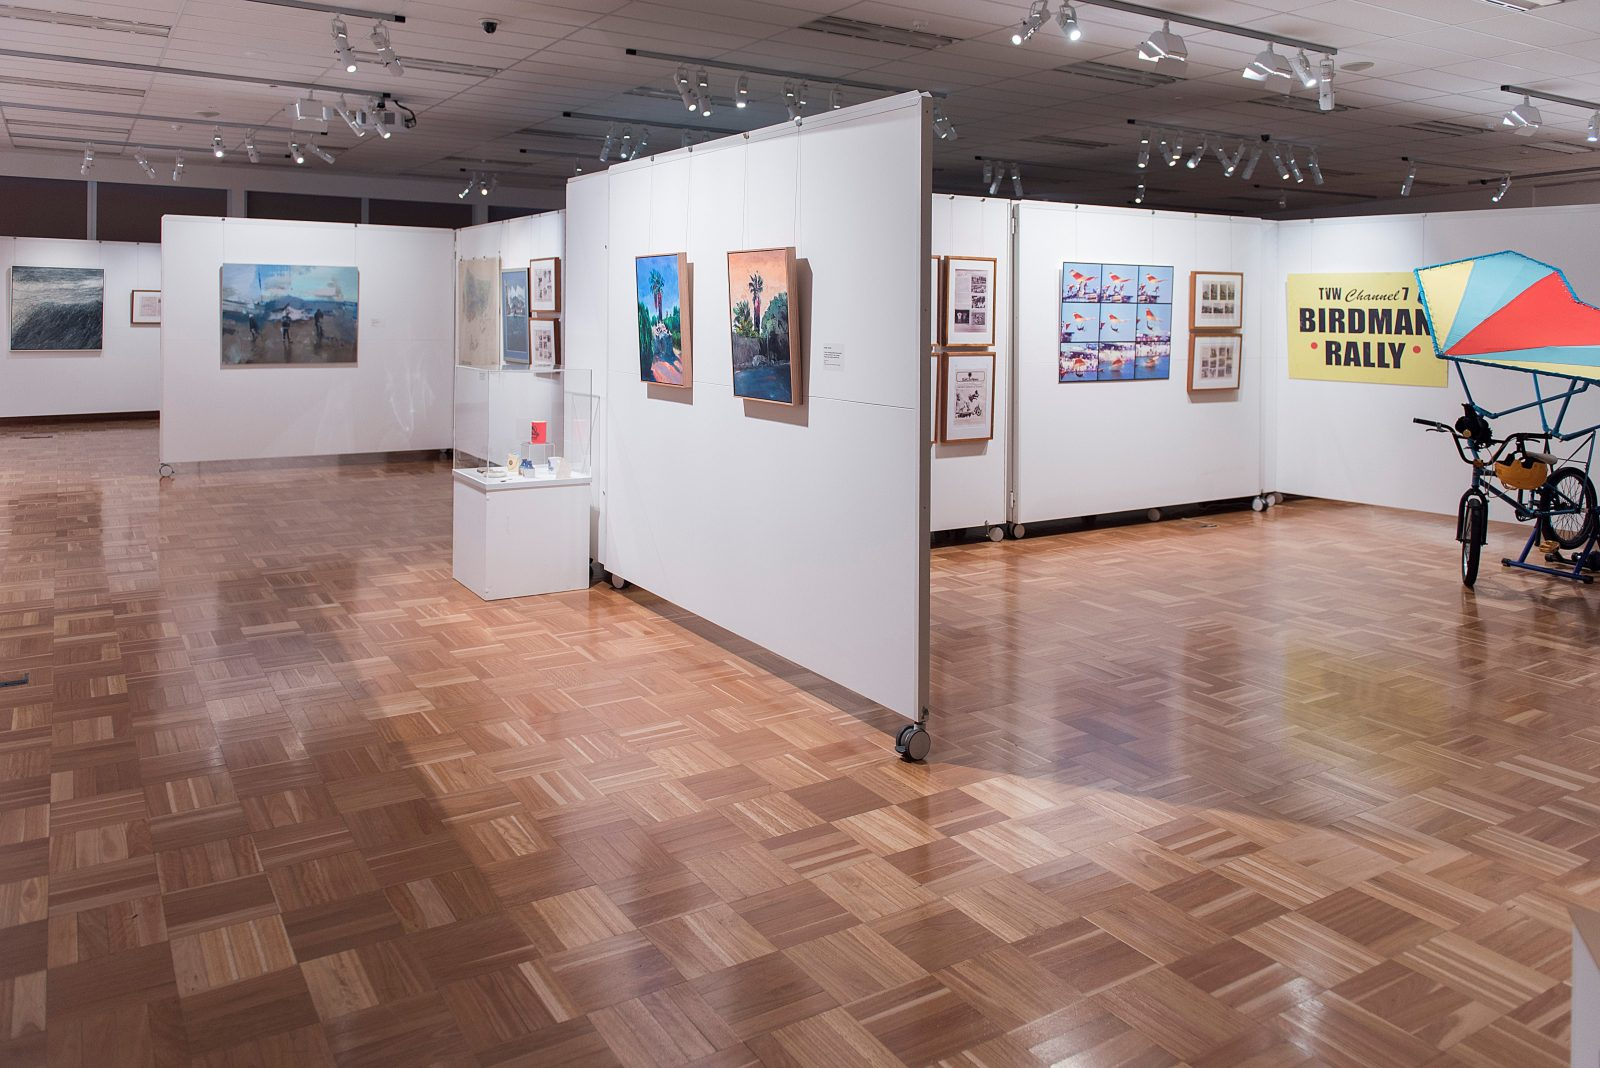 Wanneroo Art Gallery, Wanneroo, Western Australia